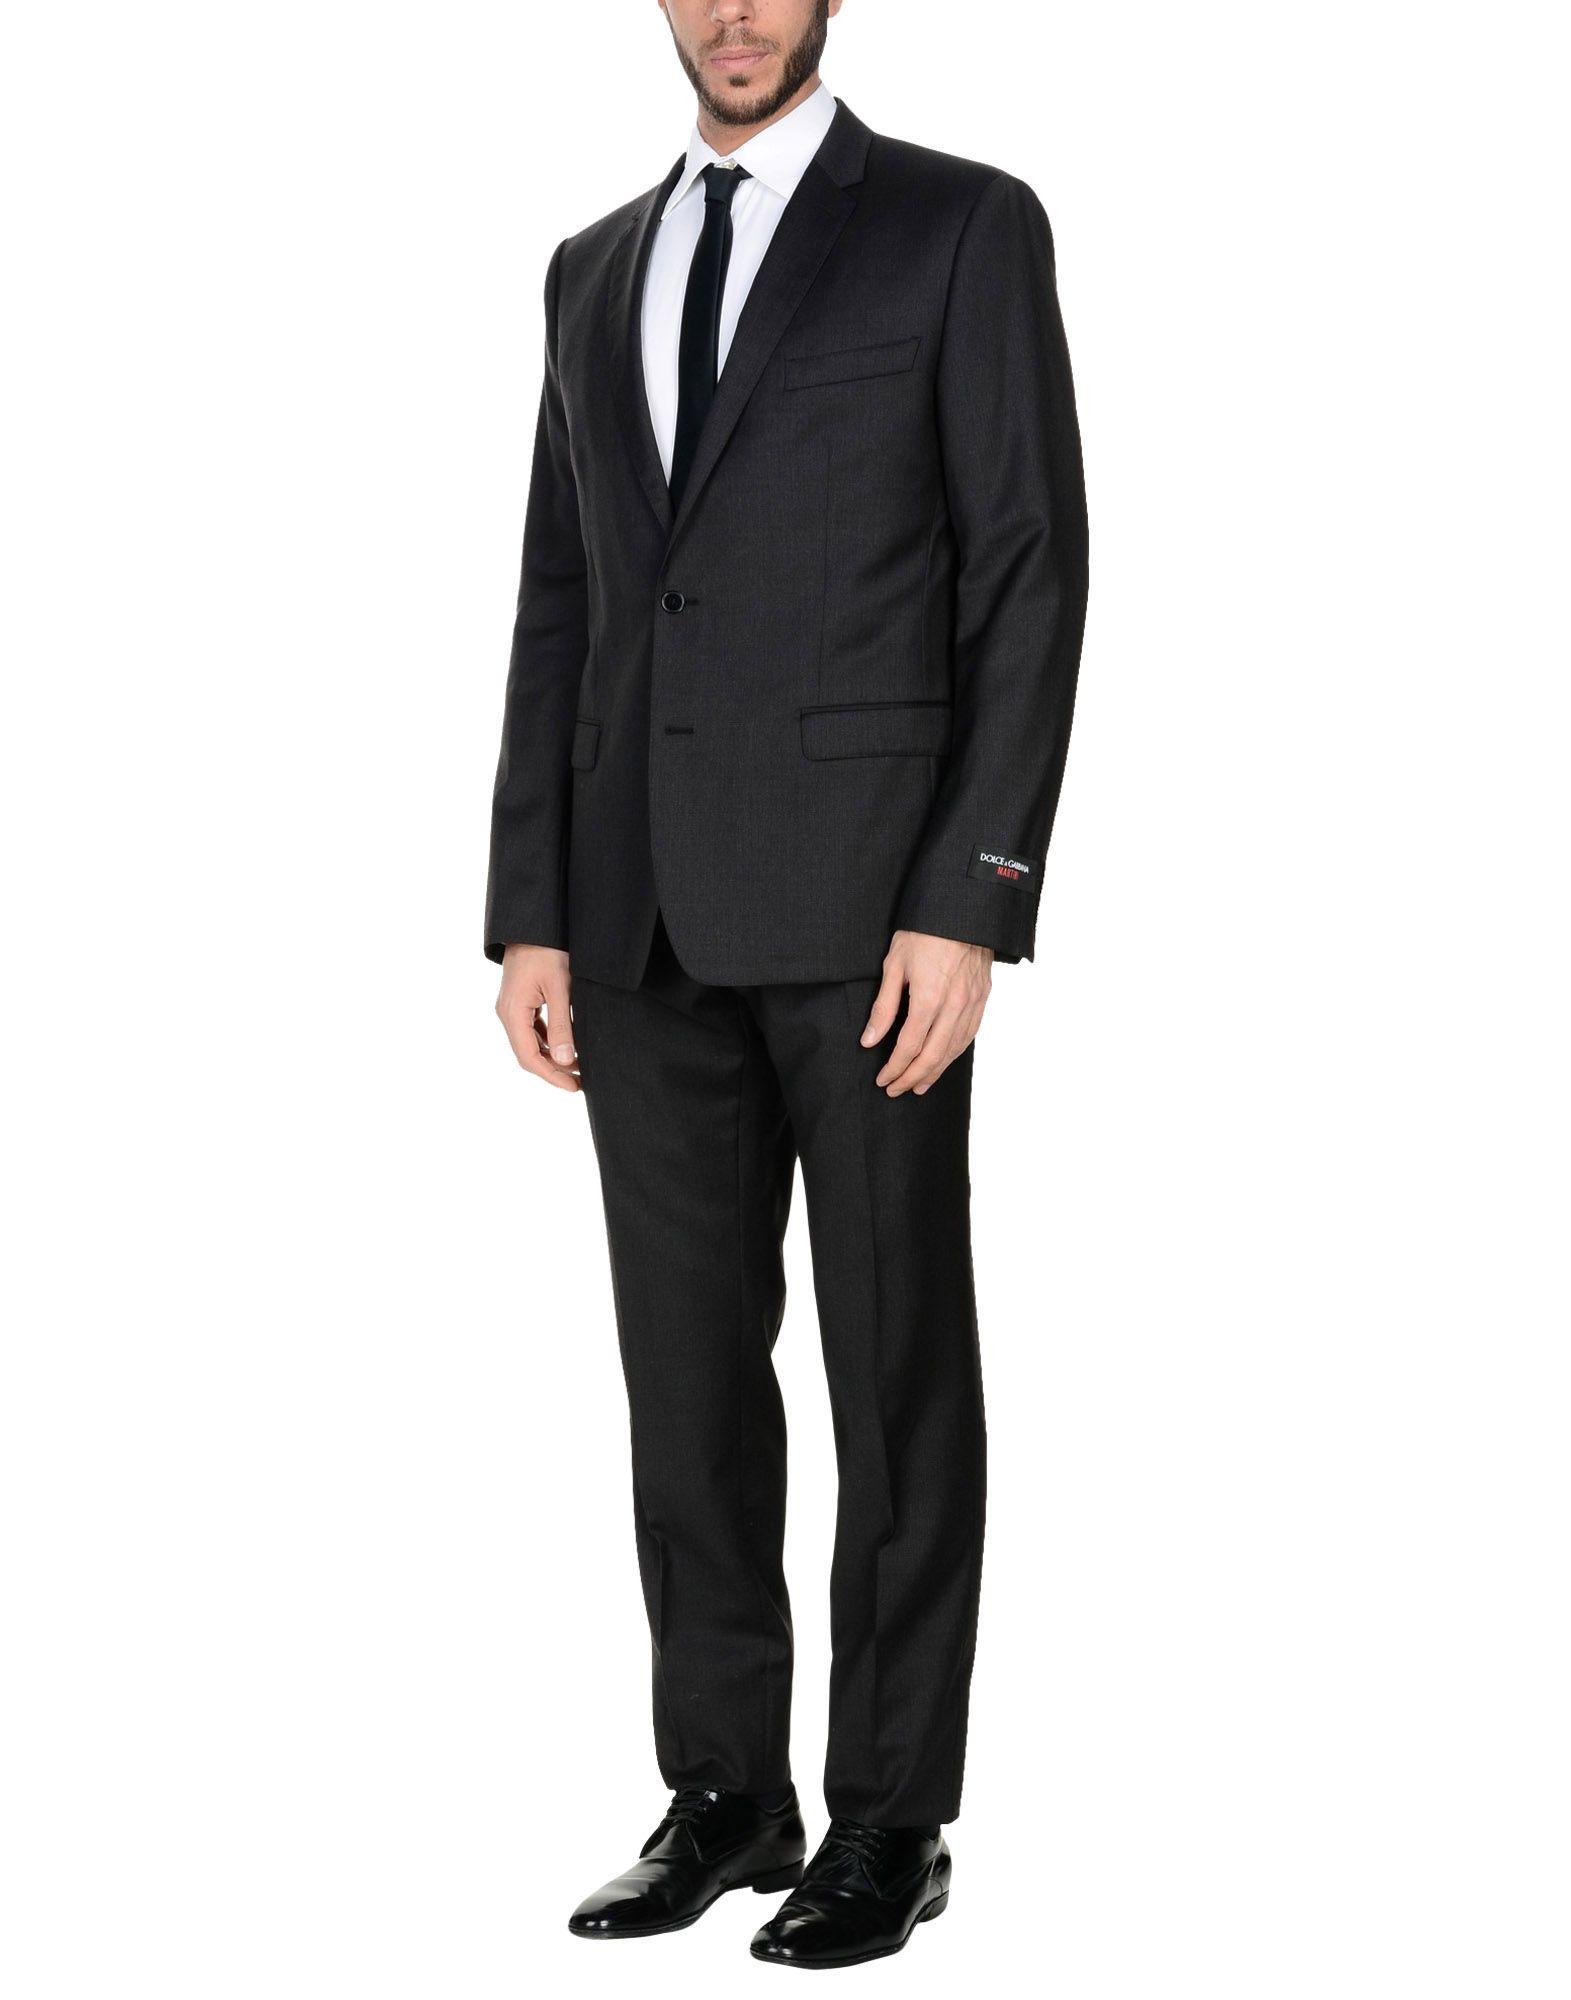 DOLCE & GABBANA Herren Anzug Farbe Granitgrau Größe 6 jetztbilligerkaufen